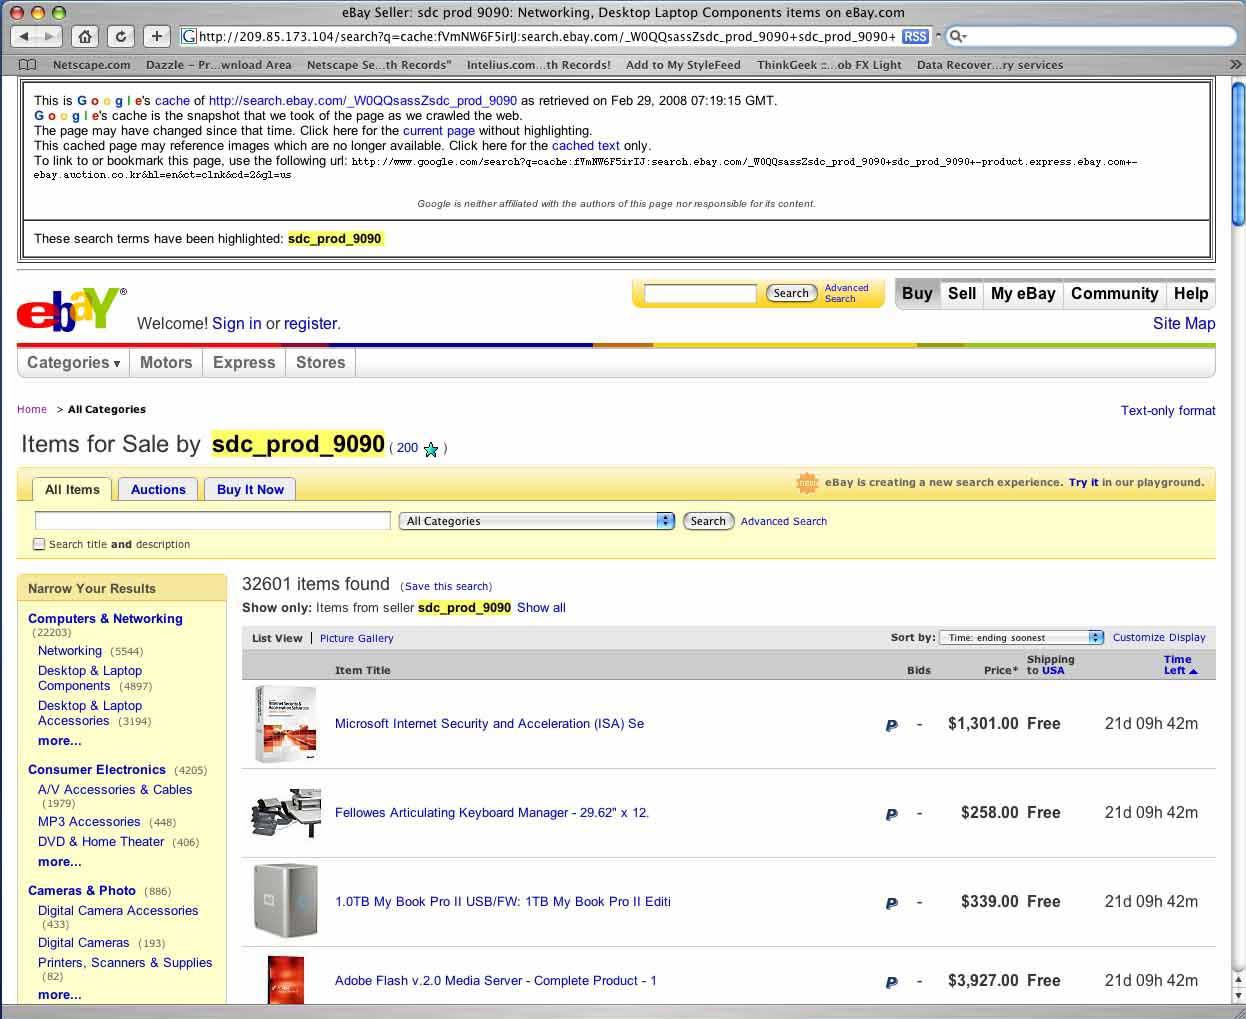 3ffab6003 EventHorizon1984 Log  eBay Search